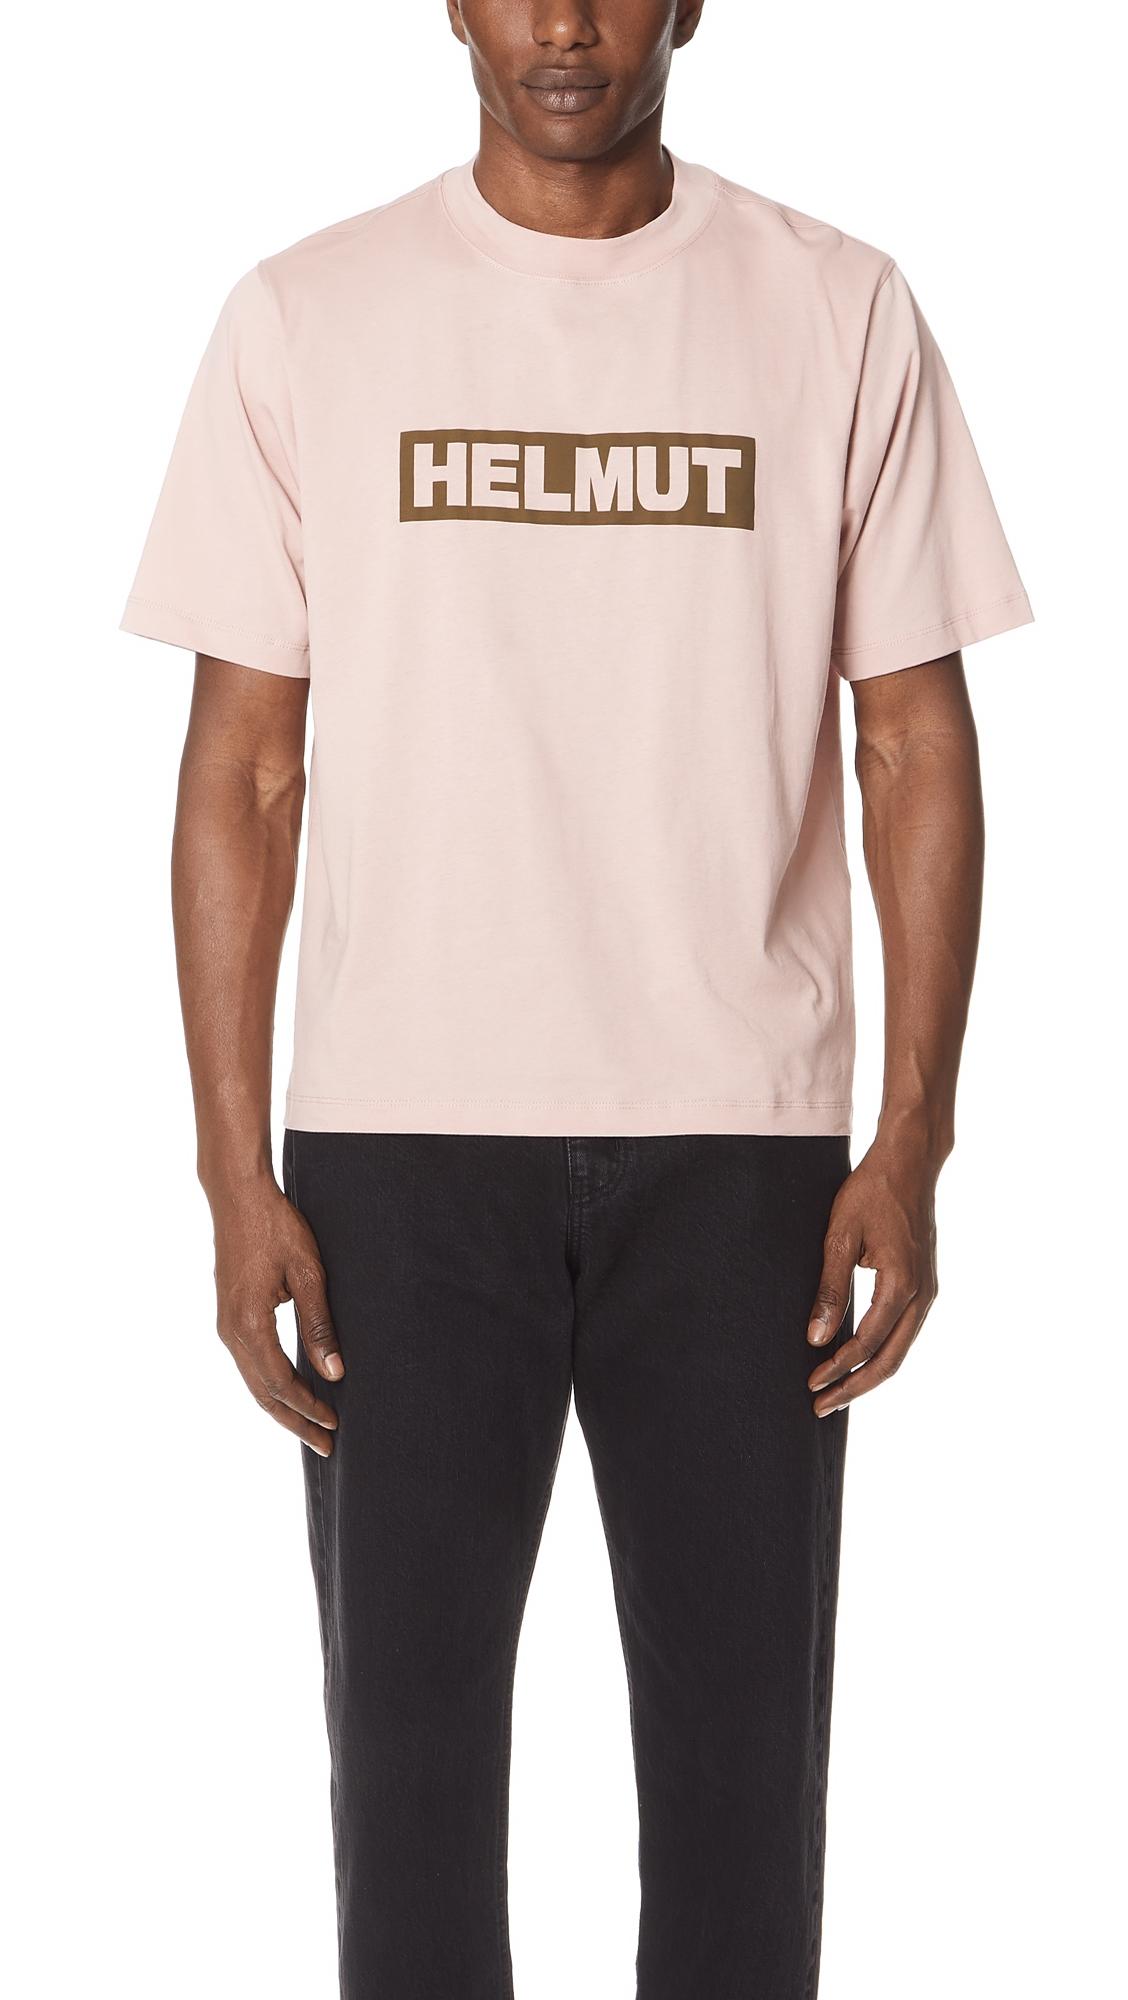 Helmut Logo Tall Tee, Desert Rose